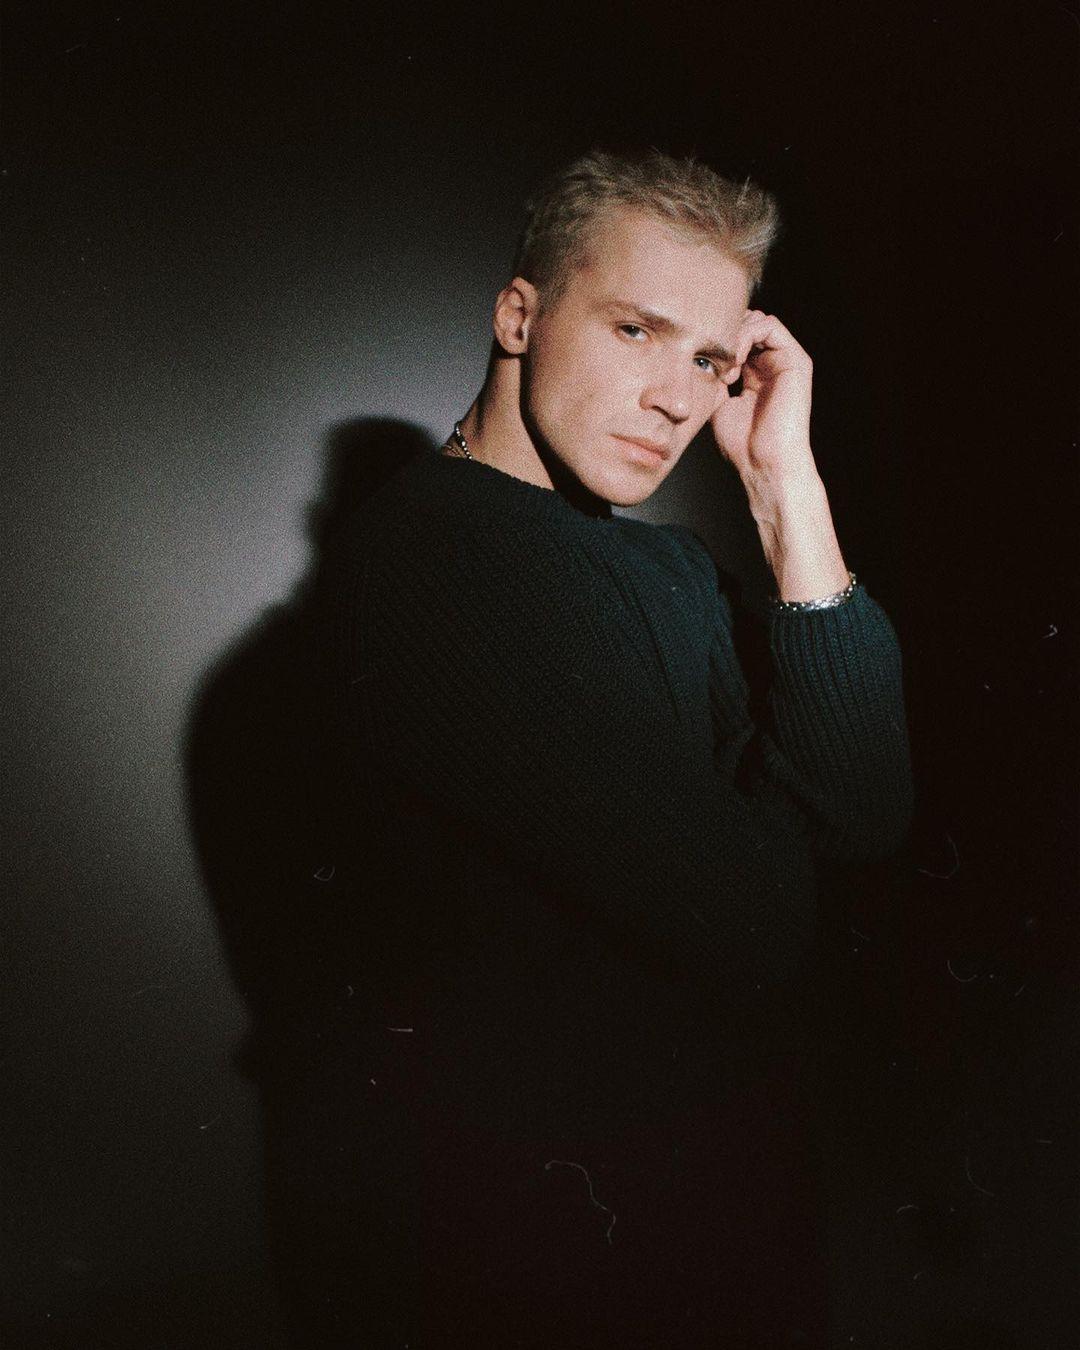 Олег Майами рассказал, что хотел уйти из жизни из-за Максима Фадеева